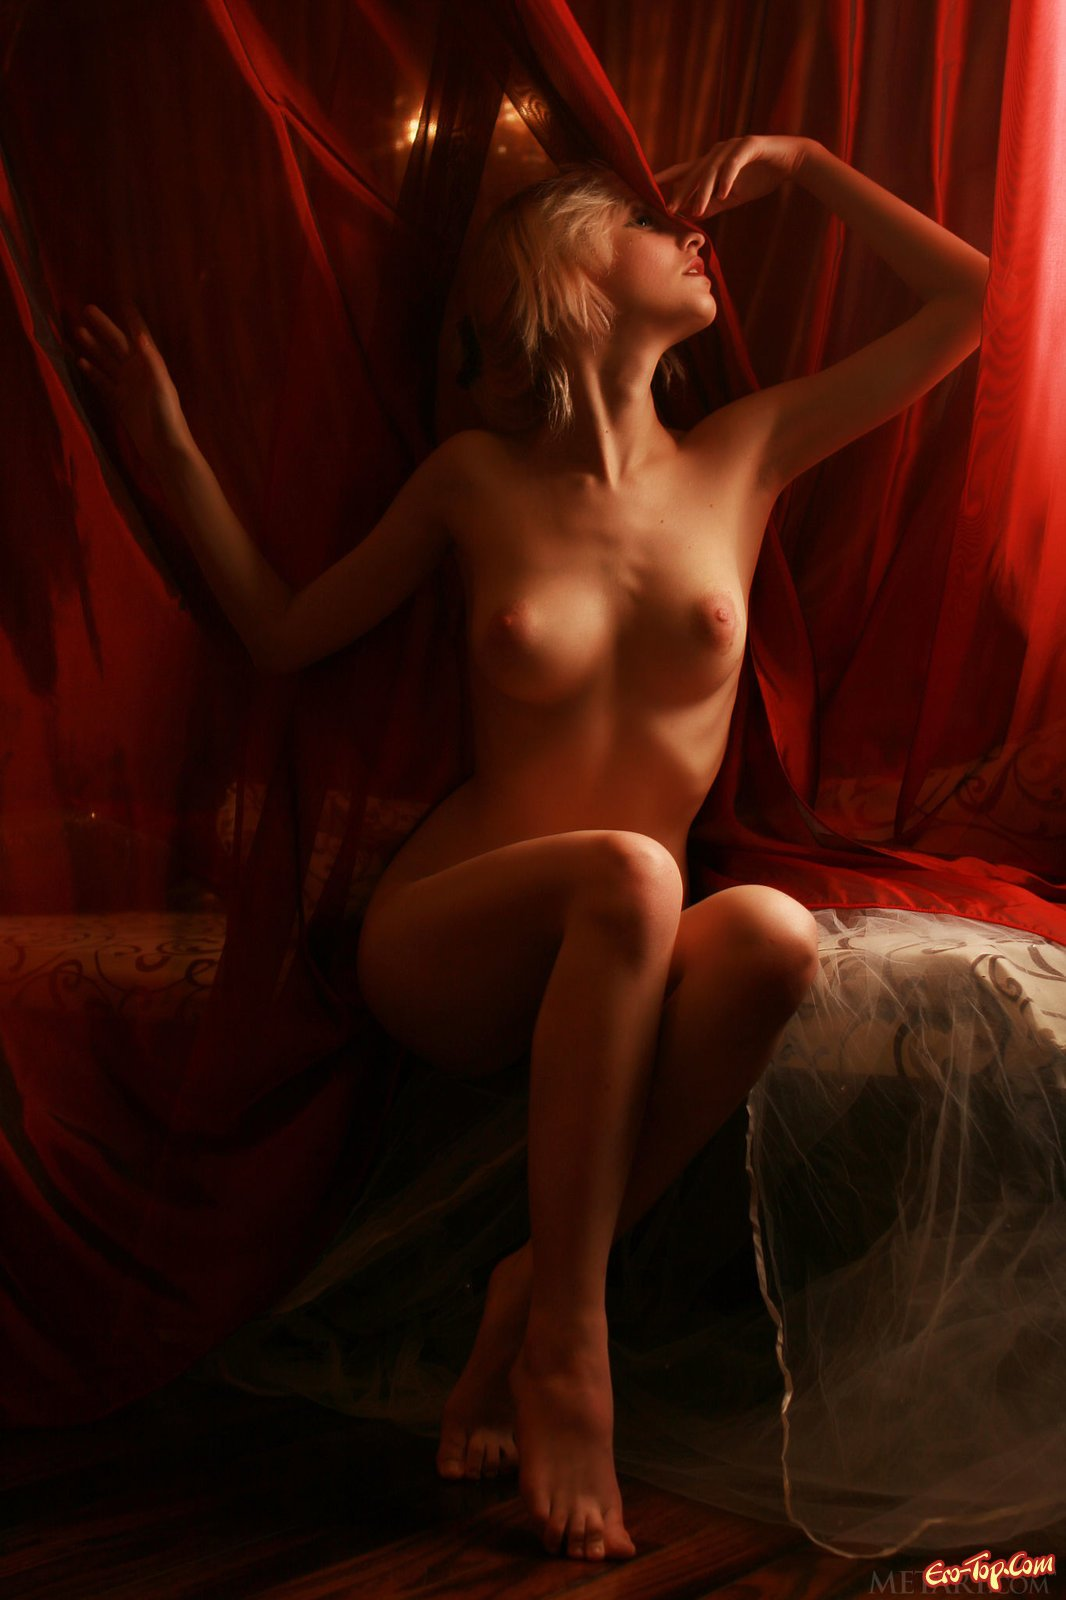 Нагая девка в интимной обстановке секс фото